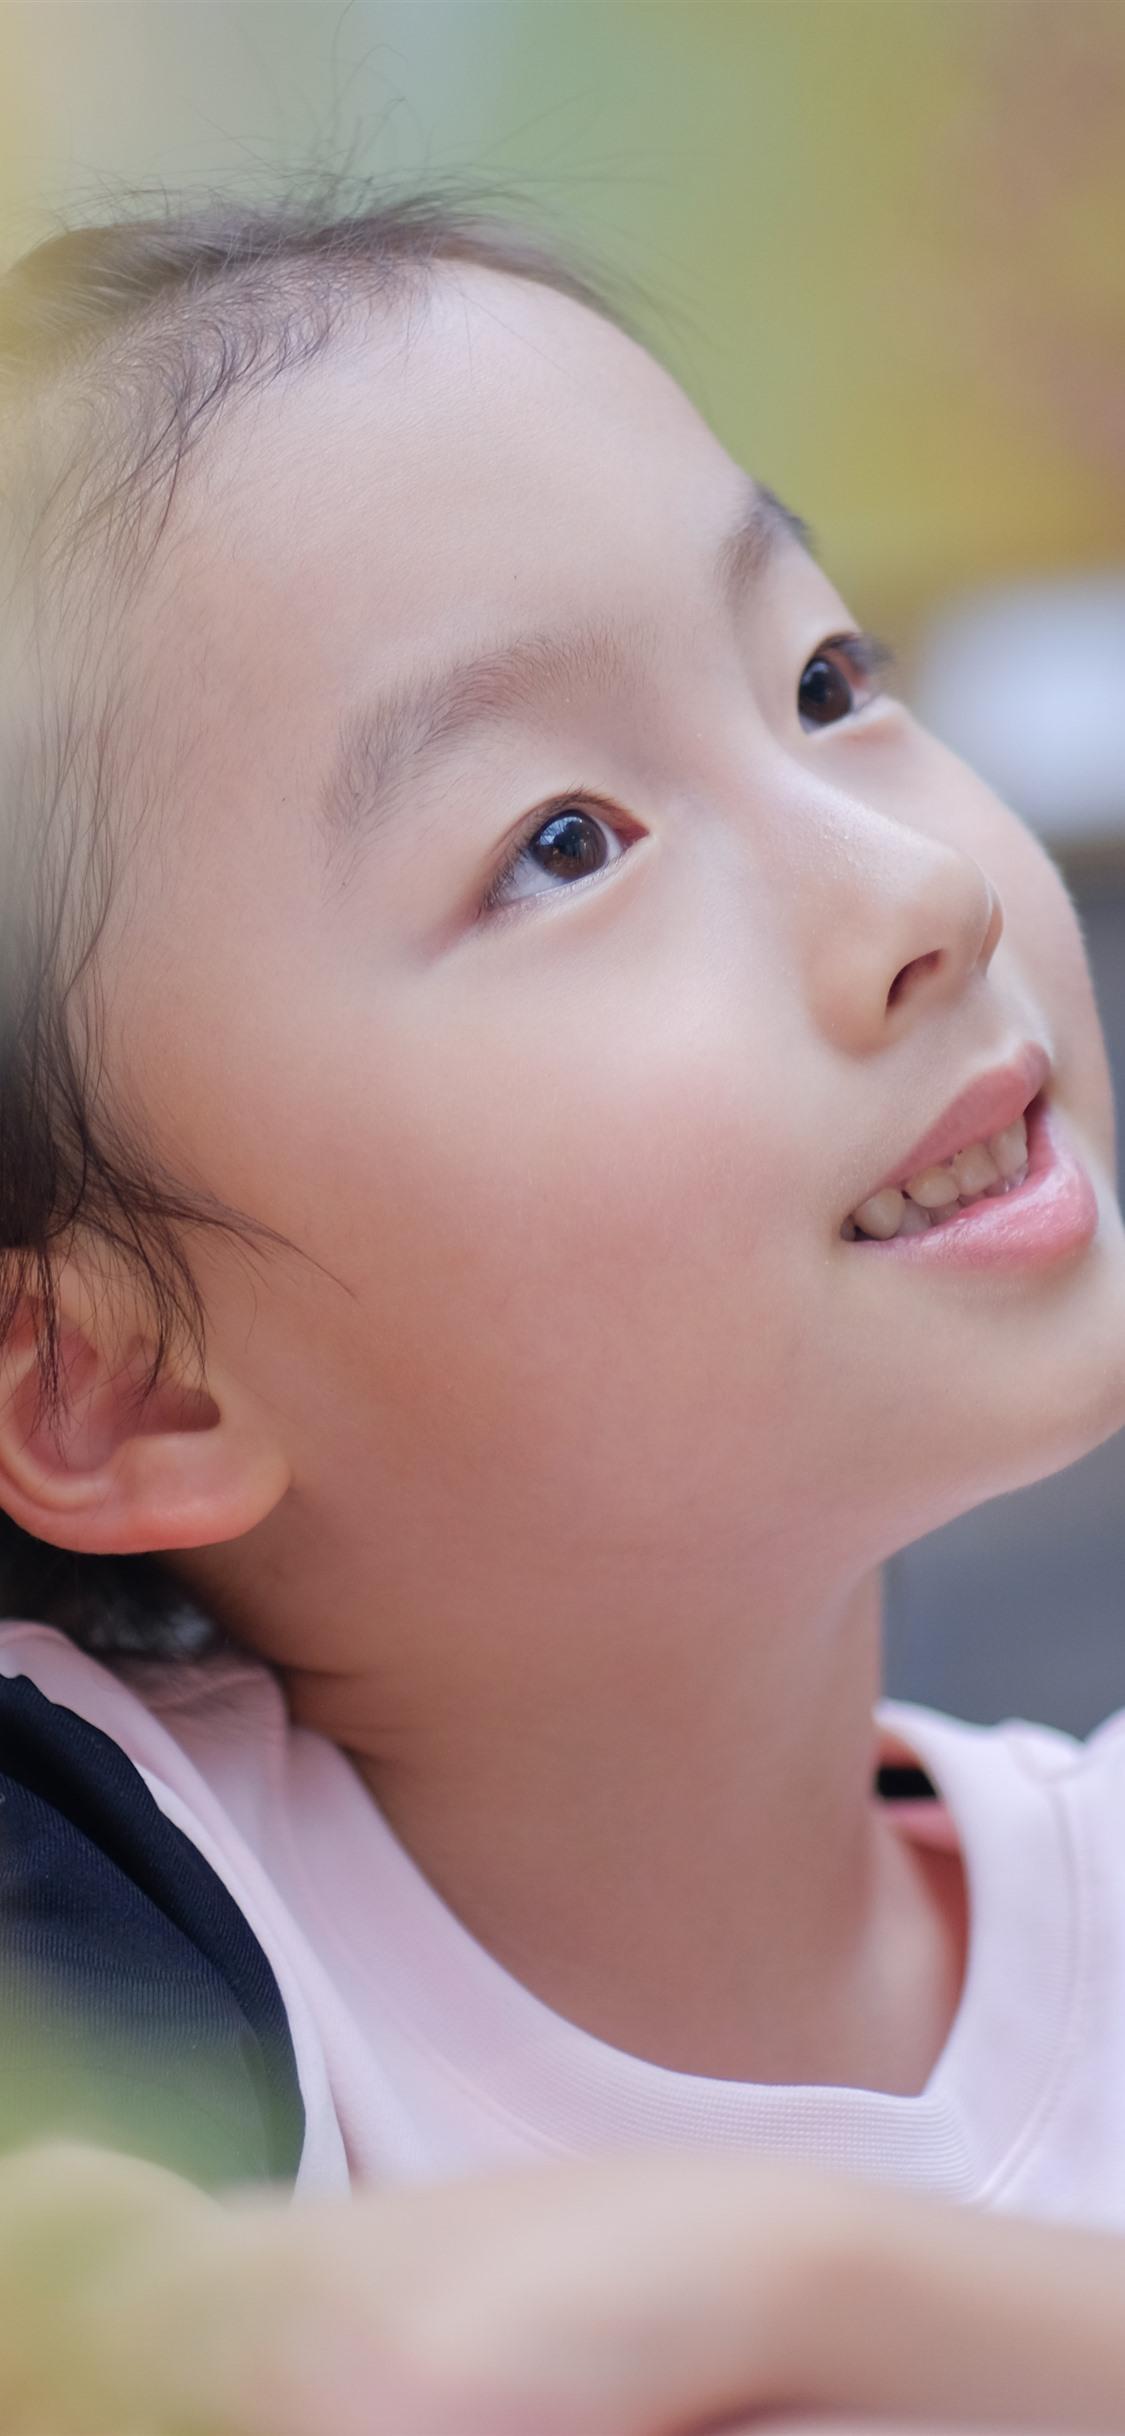 かわいい女の子 かすかな 1125x2436 Iphone 11 Pro Xs X 壁紙 背景 画像